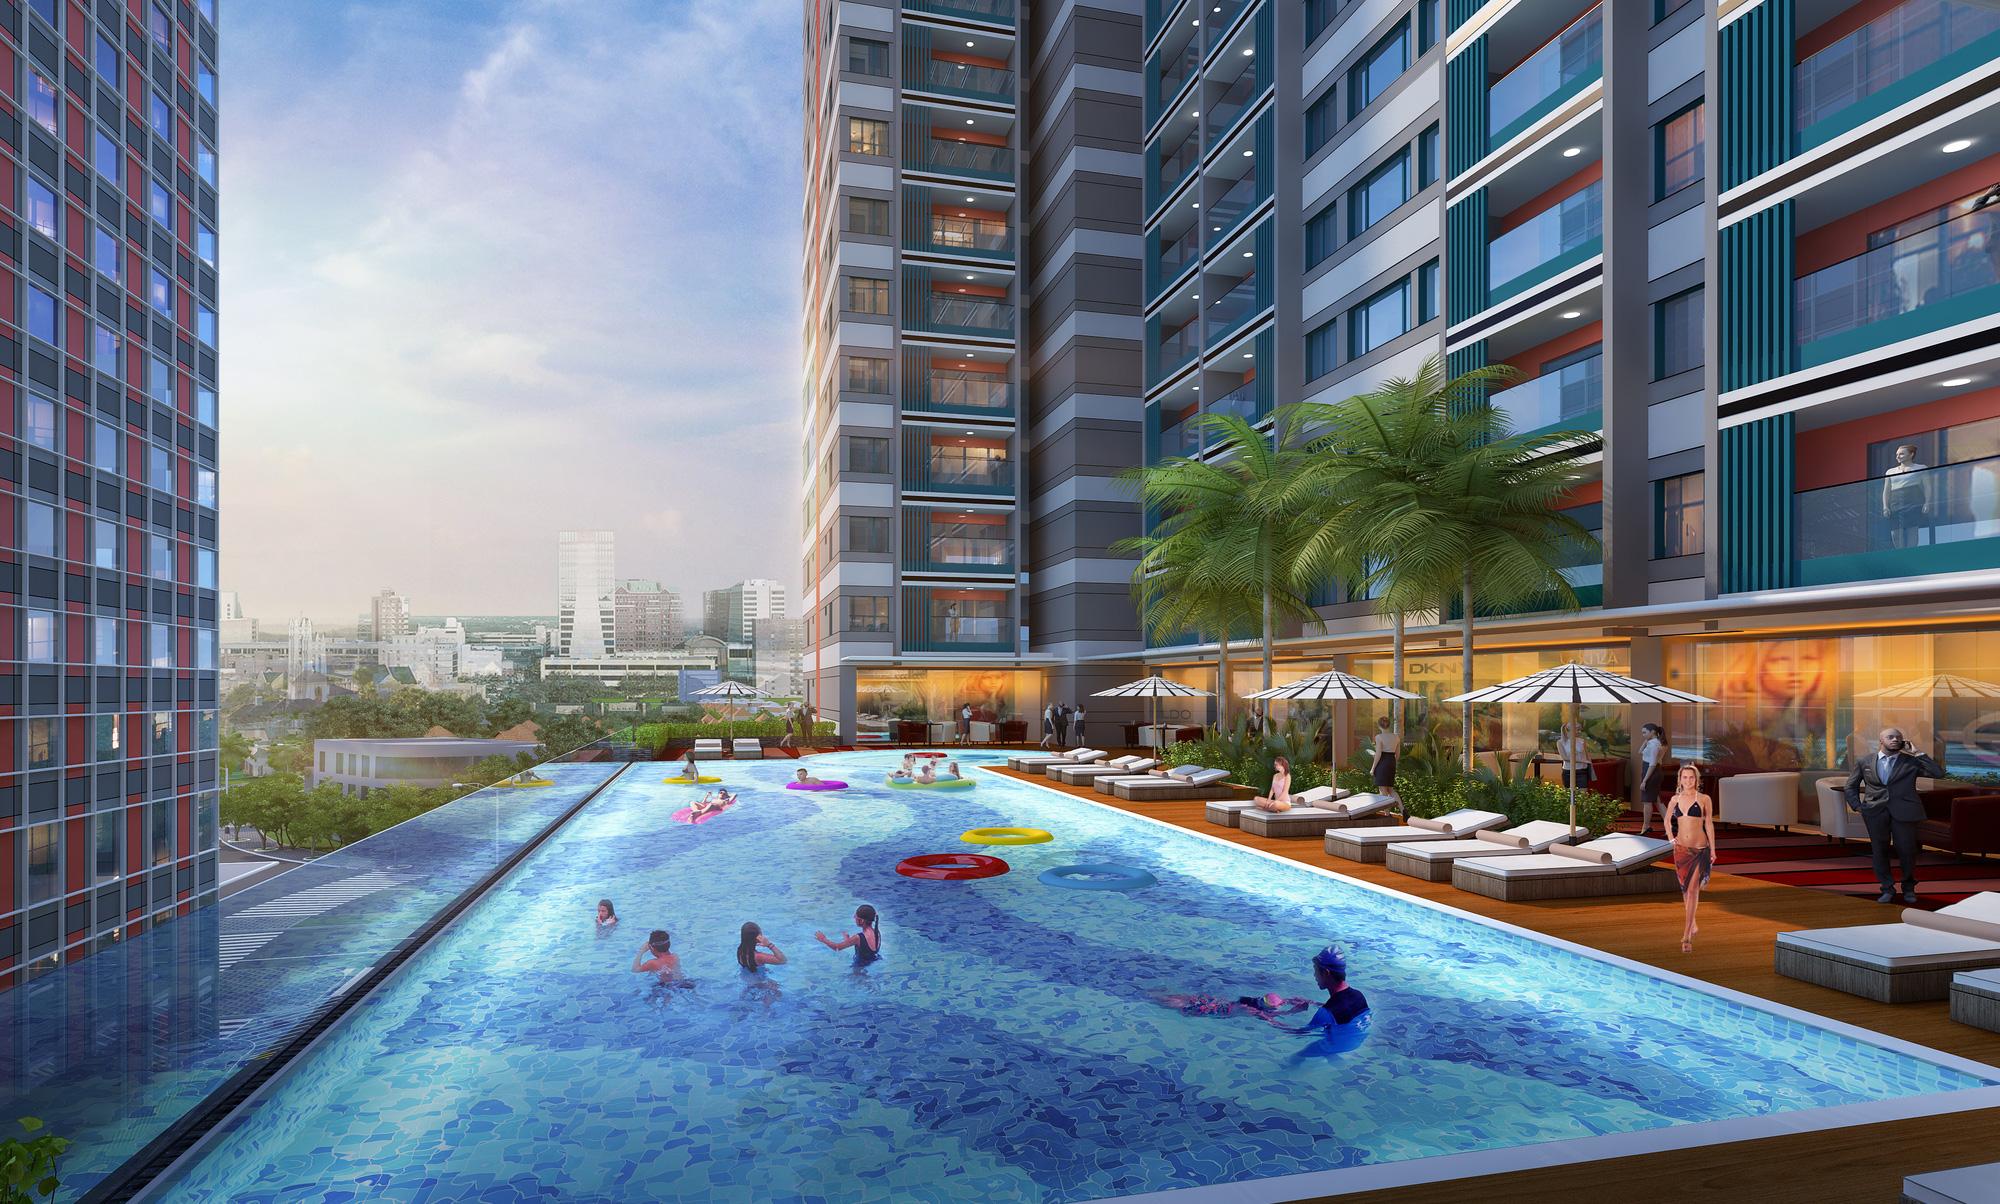 Grand Center Quy Nhon: Thỏi nam châm thu hút khách hàng và nhà đầu tư - Ảnh 2.